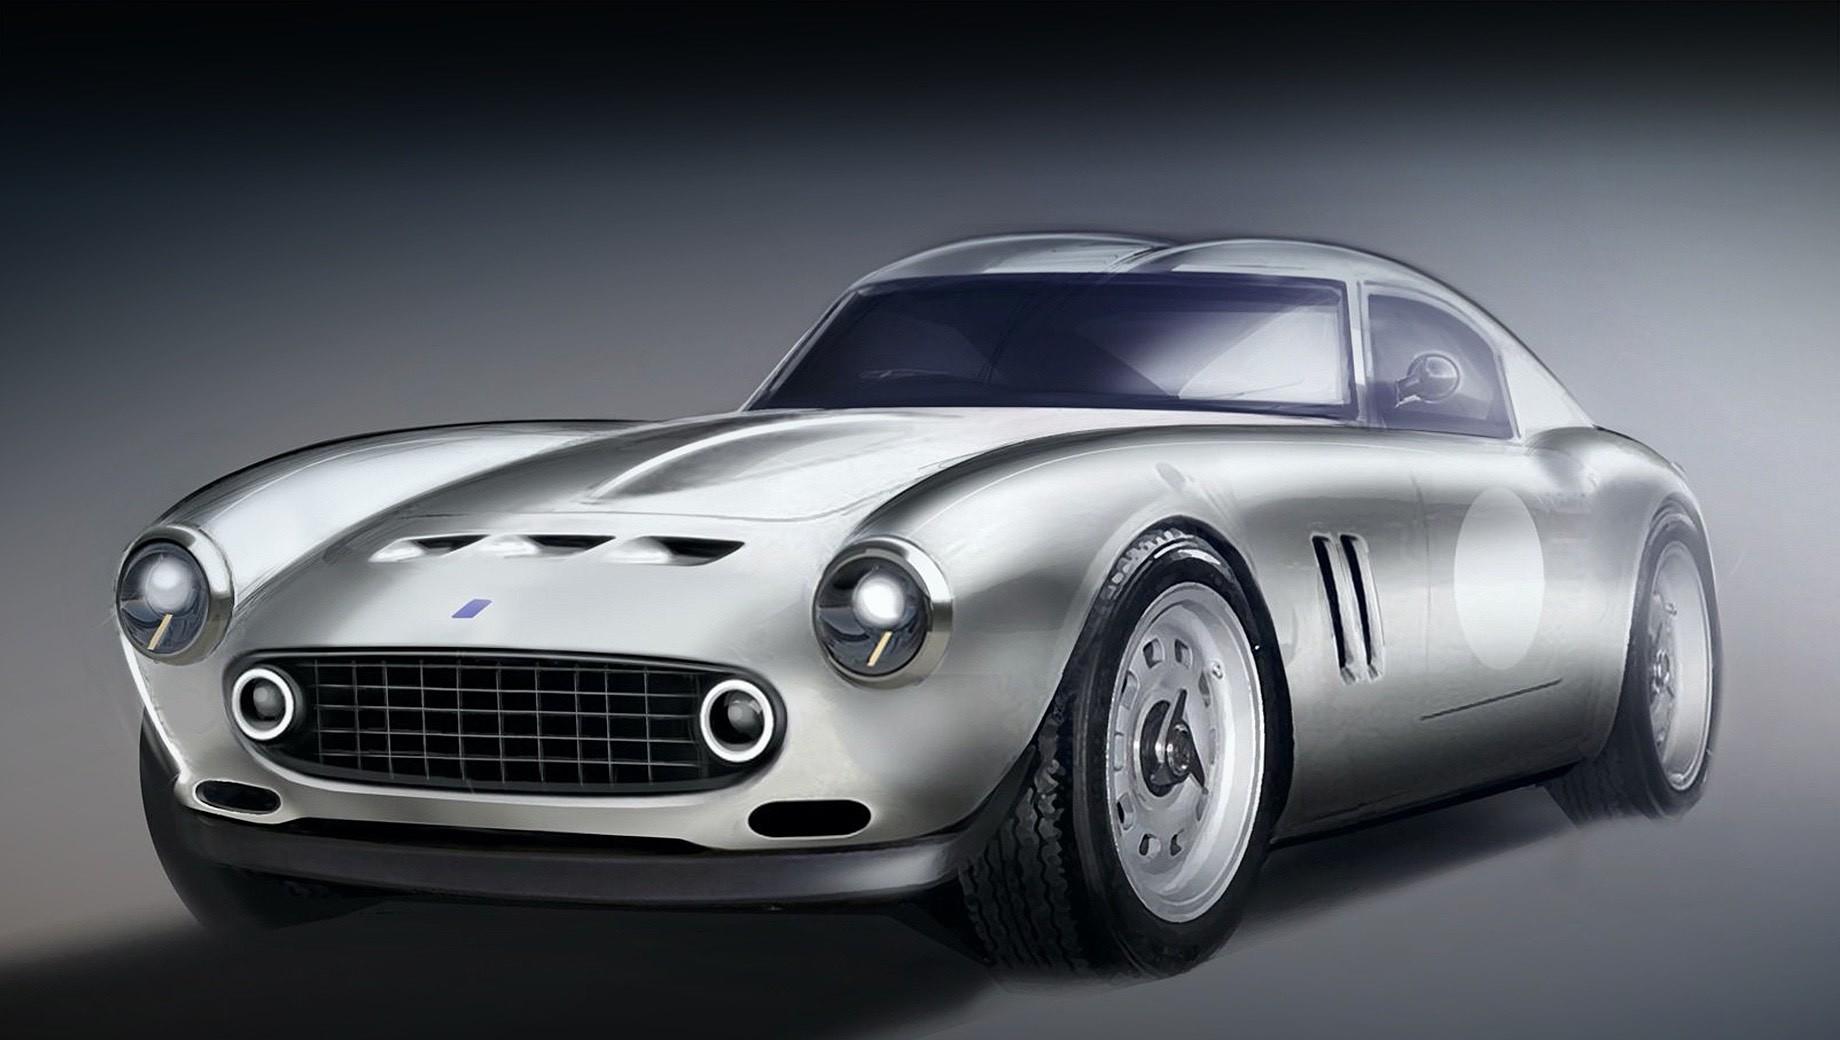 Ferrari 250 gto. Пока компания предоставила на обозрение только рендеры будущего автомобиля. В силуэте с двугорбой крышей безошибочно читается стиль 60-х, а прорисованная оптика намекает на наличие под стилизованной оболочкой современной начинки.